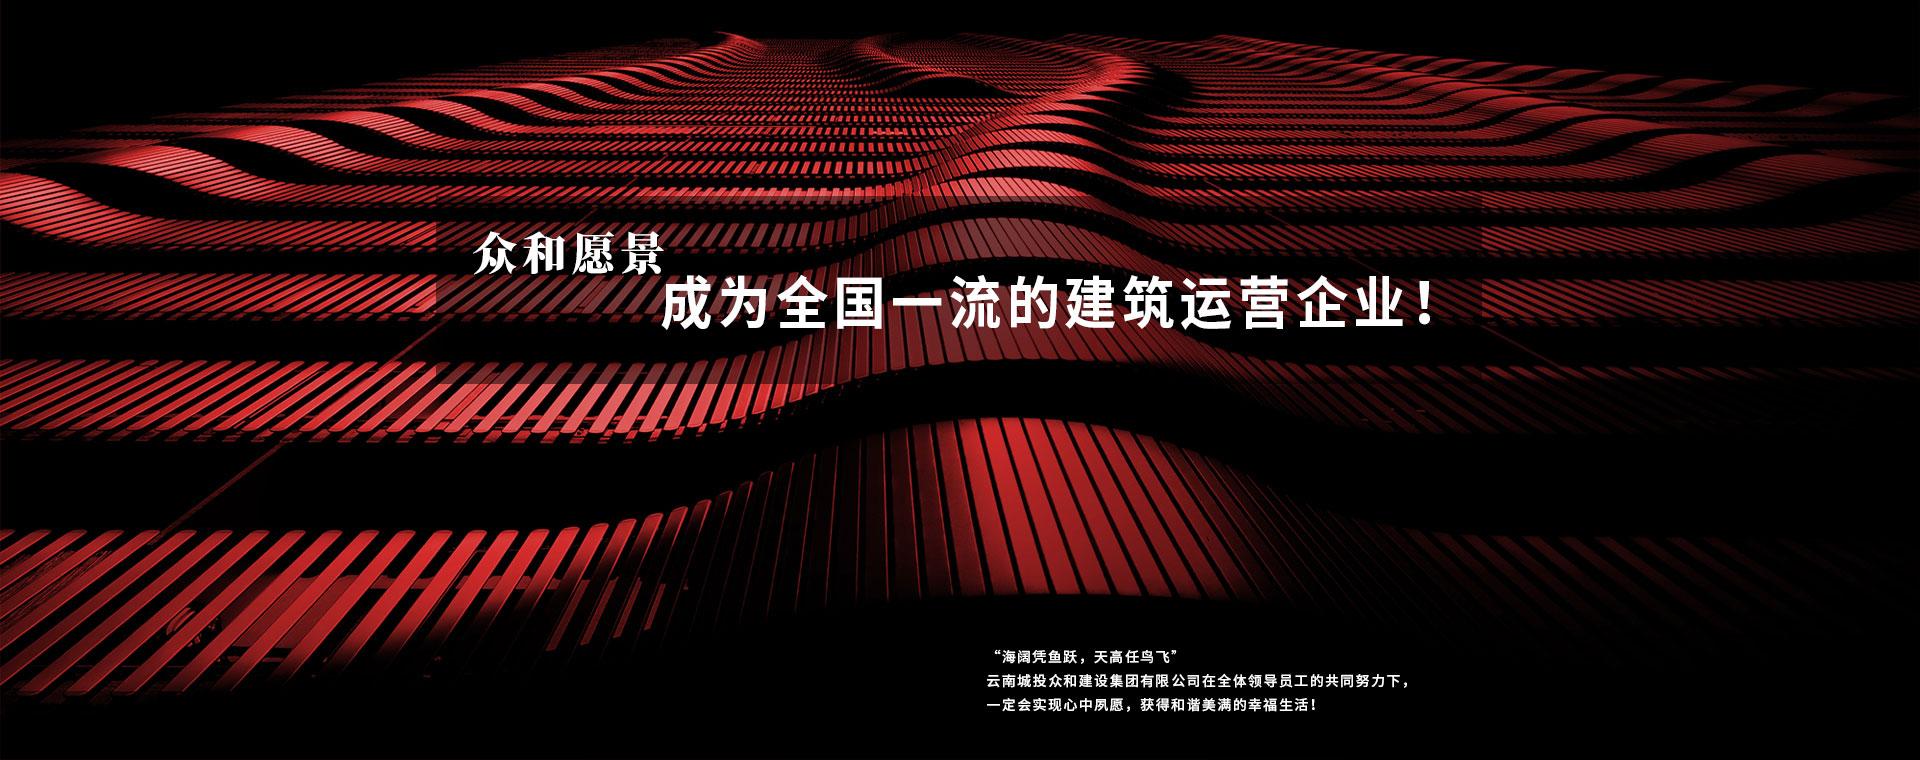 雲南城投二八杠网站建設